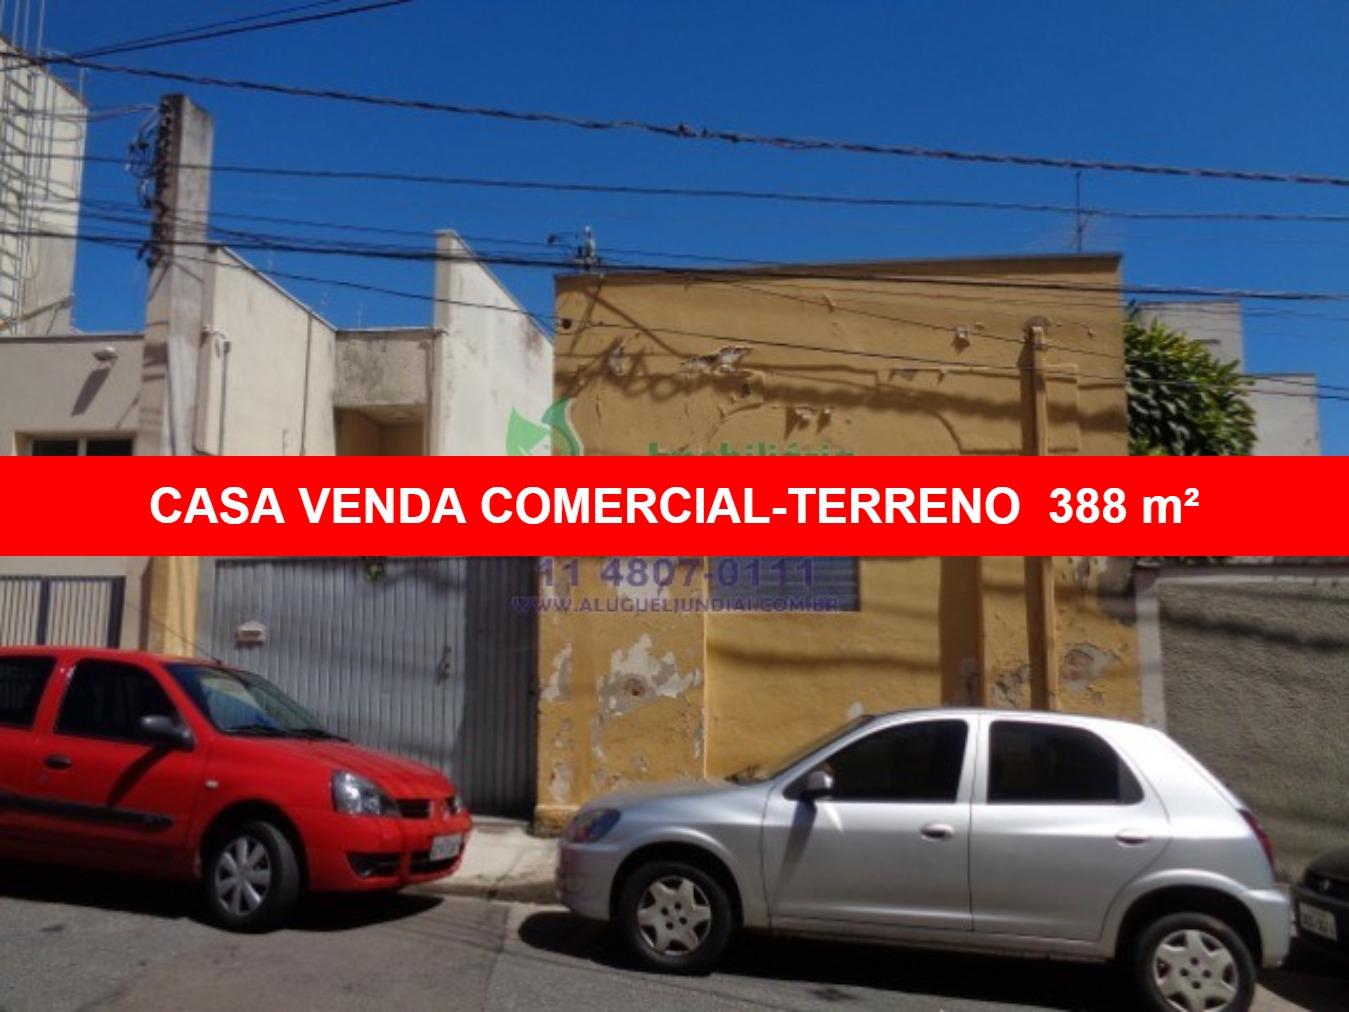 Casa com terreno de 388m² a VENDA  no centro de Jundiaí, zoneamento comercial na Rua da Padroeira. Casa com  124m² AC, terreno excelente com 8 x 48,5